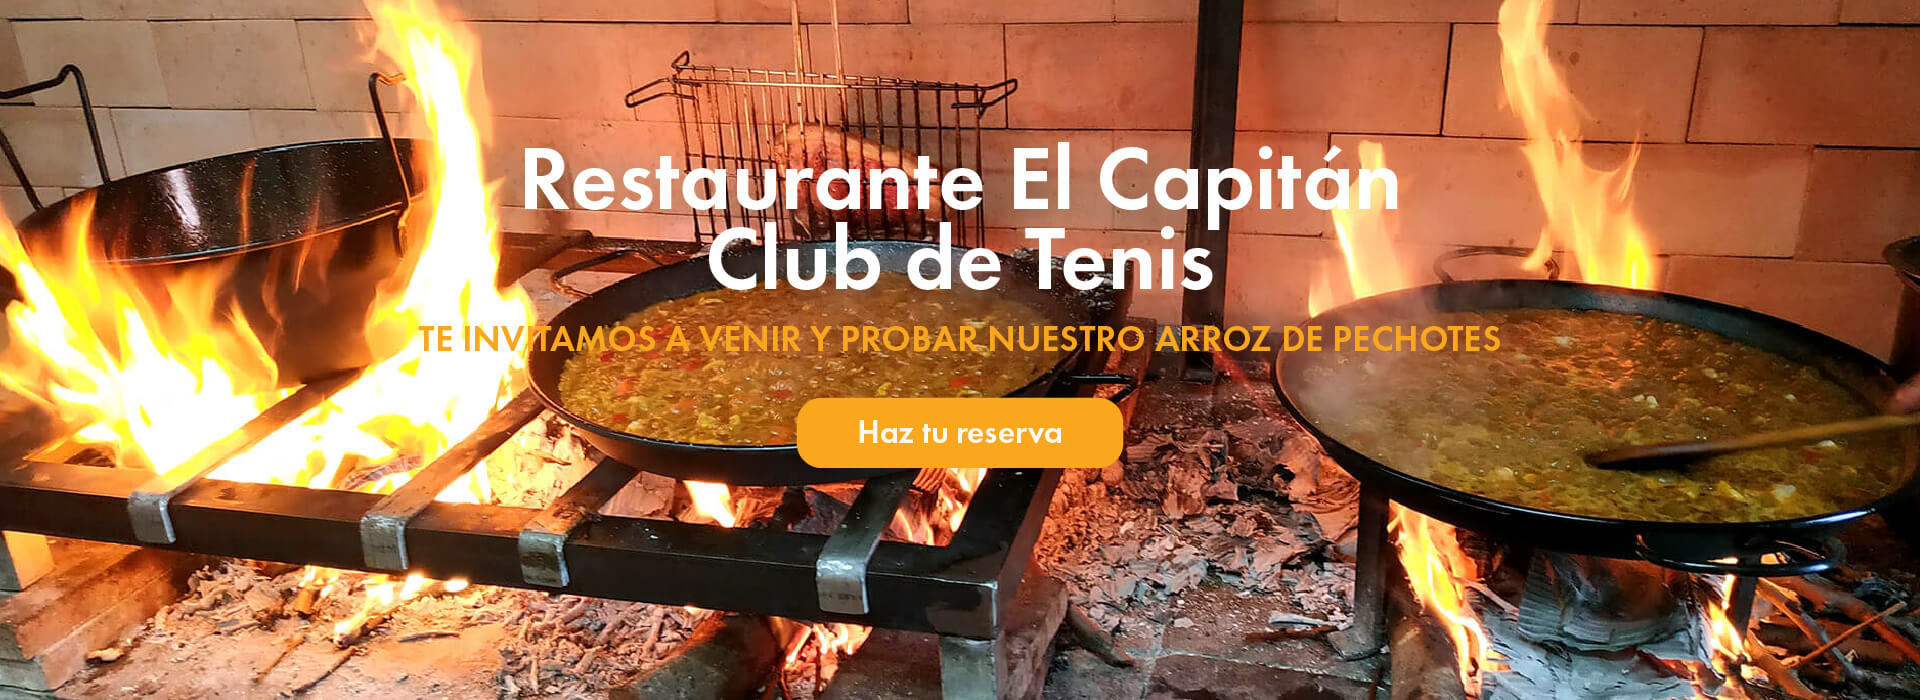 Restaurante El Capitán Club de Tenis